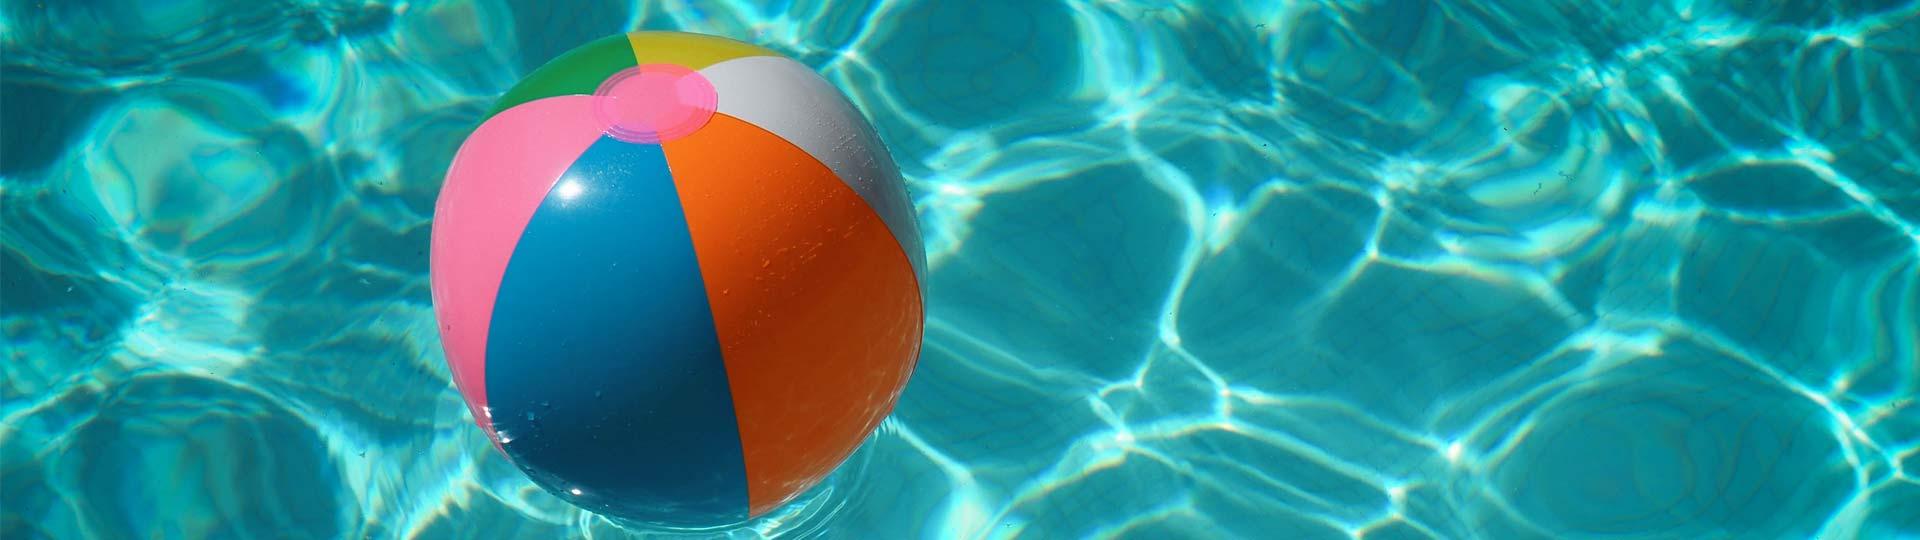 mejores-accesorios-piscina